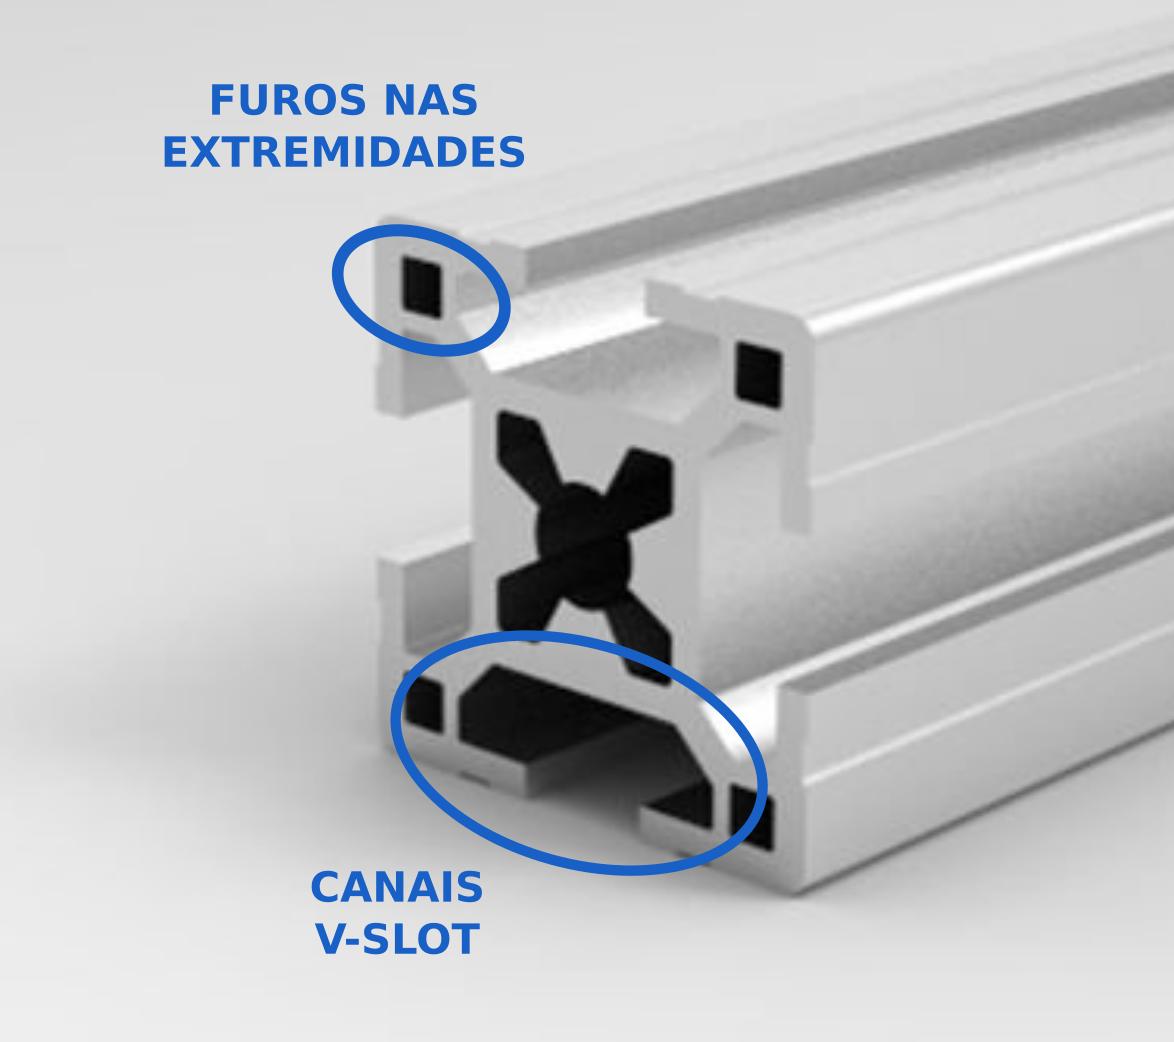 Perfil de alumínio 30mm x 30mm com canais V-slot e furos nas extremidades